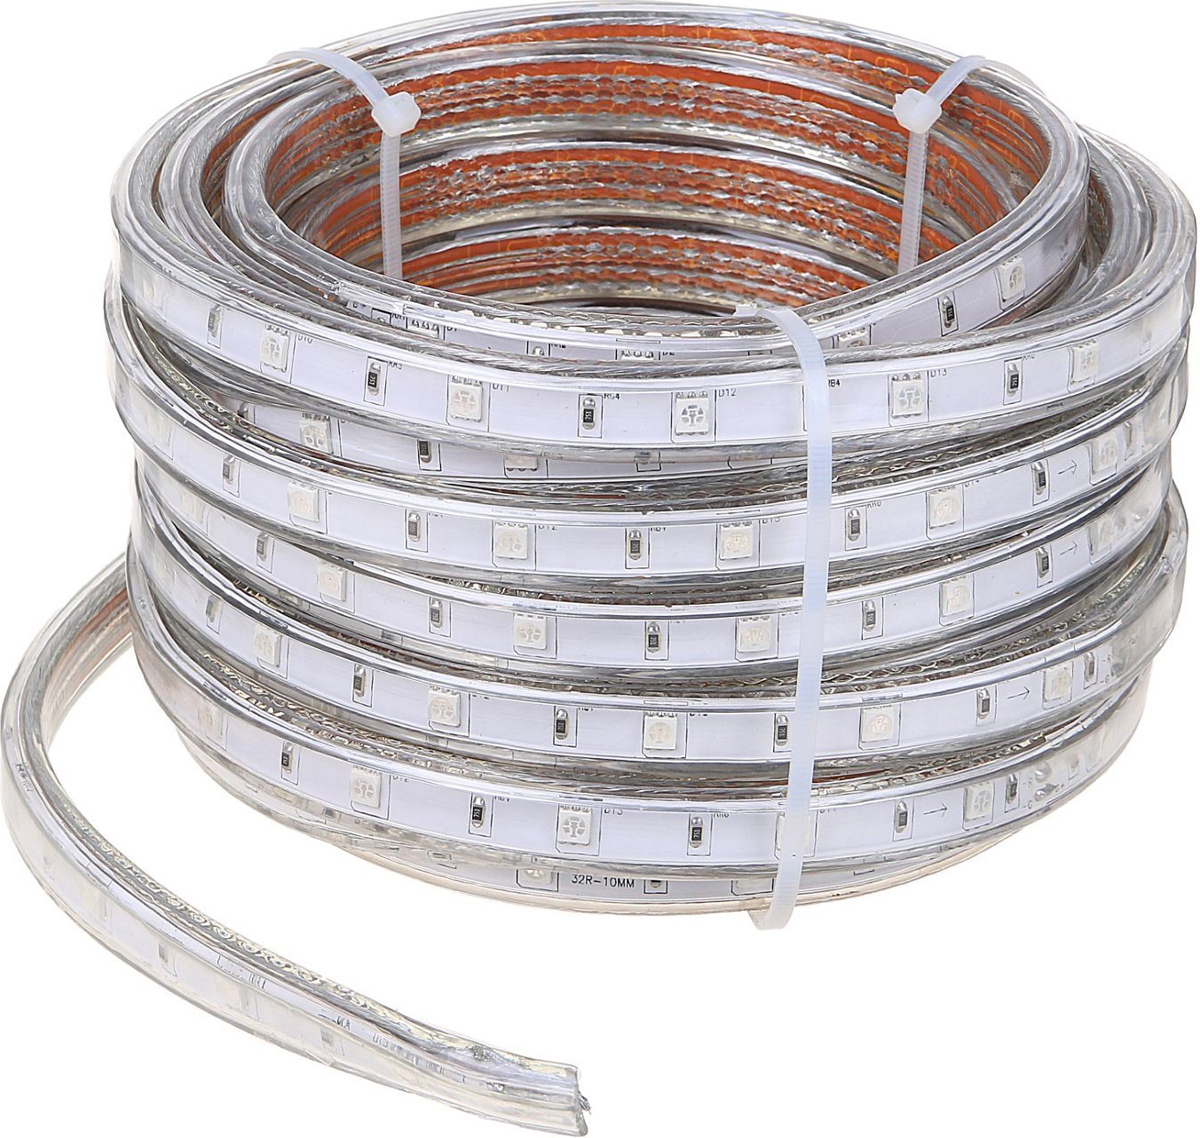 Светодиодная лента Ecola, 220 В, RGB, 7.2 Вт, 30 LED ламп, IP68, 10 м2429689Светодиодные гирлянды, ленты и т.д — это отличный вариант для новогоднего оформления интерьера или фасада. С их помощью помещение любого размера можно превратить в праздничный зал, а внешние элементы зданий, украшенные ими, мгновенно станут напоминать очертания сказочного дворца. Такие украшения создают ауру предвкушения чуда. Деревья, фасады, витрины, окна и арки будто специально созданы, чтобы вы украсили их светящимися нитями.